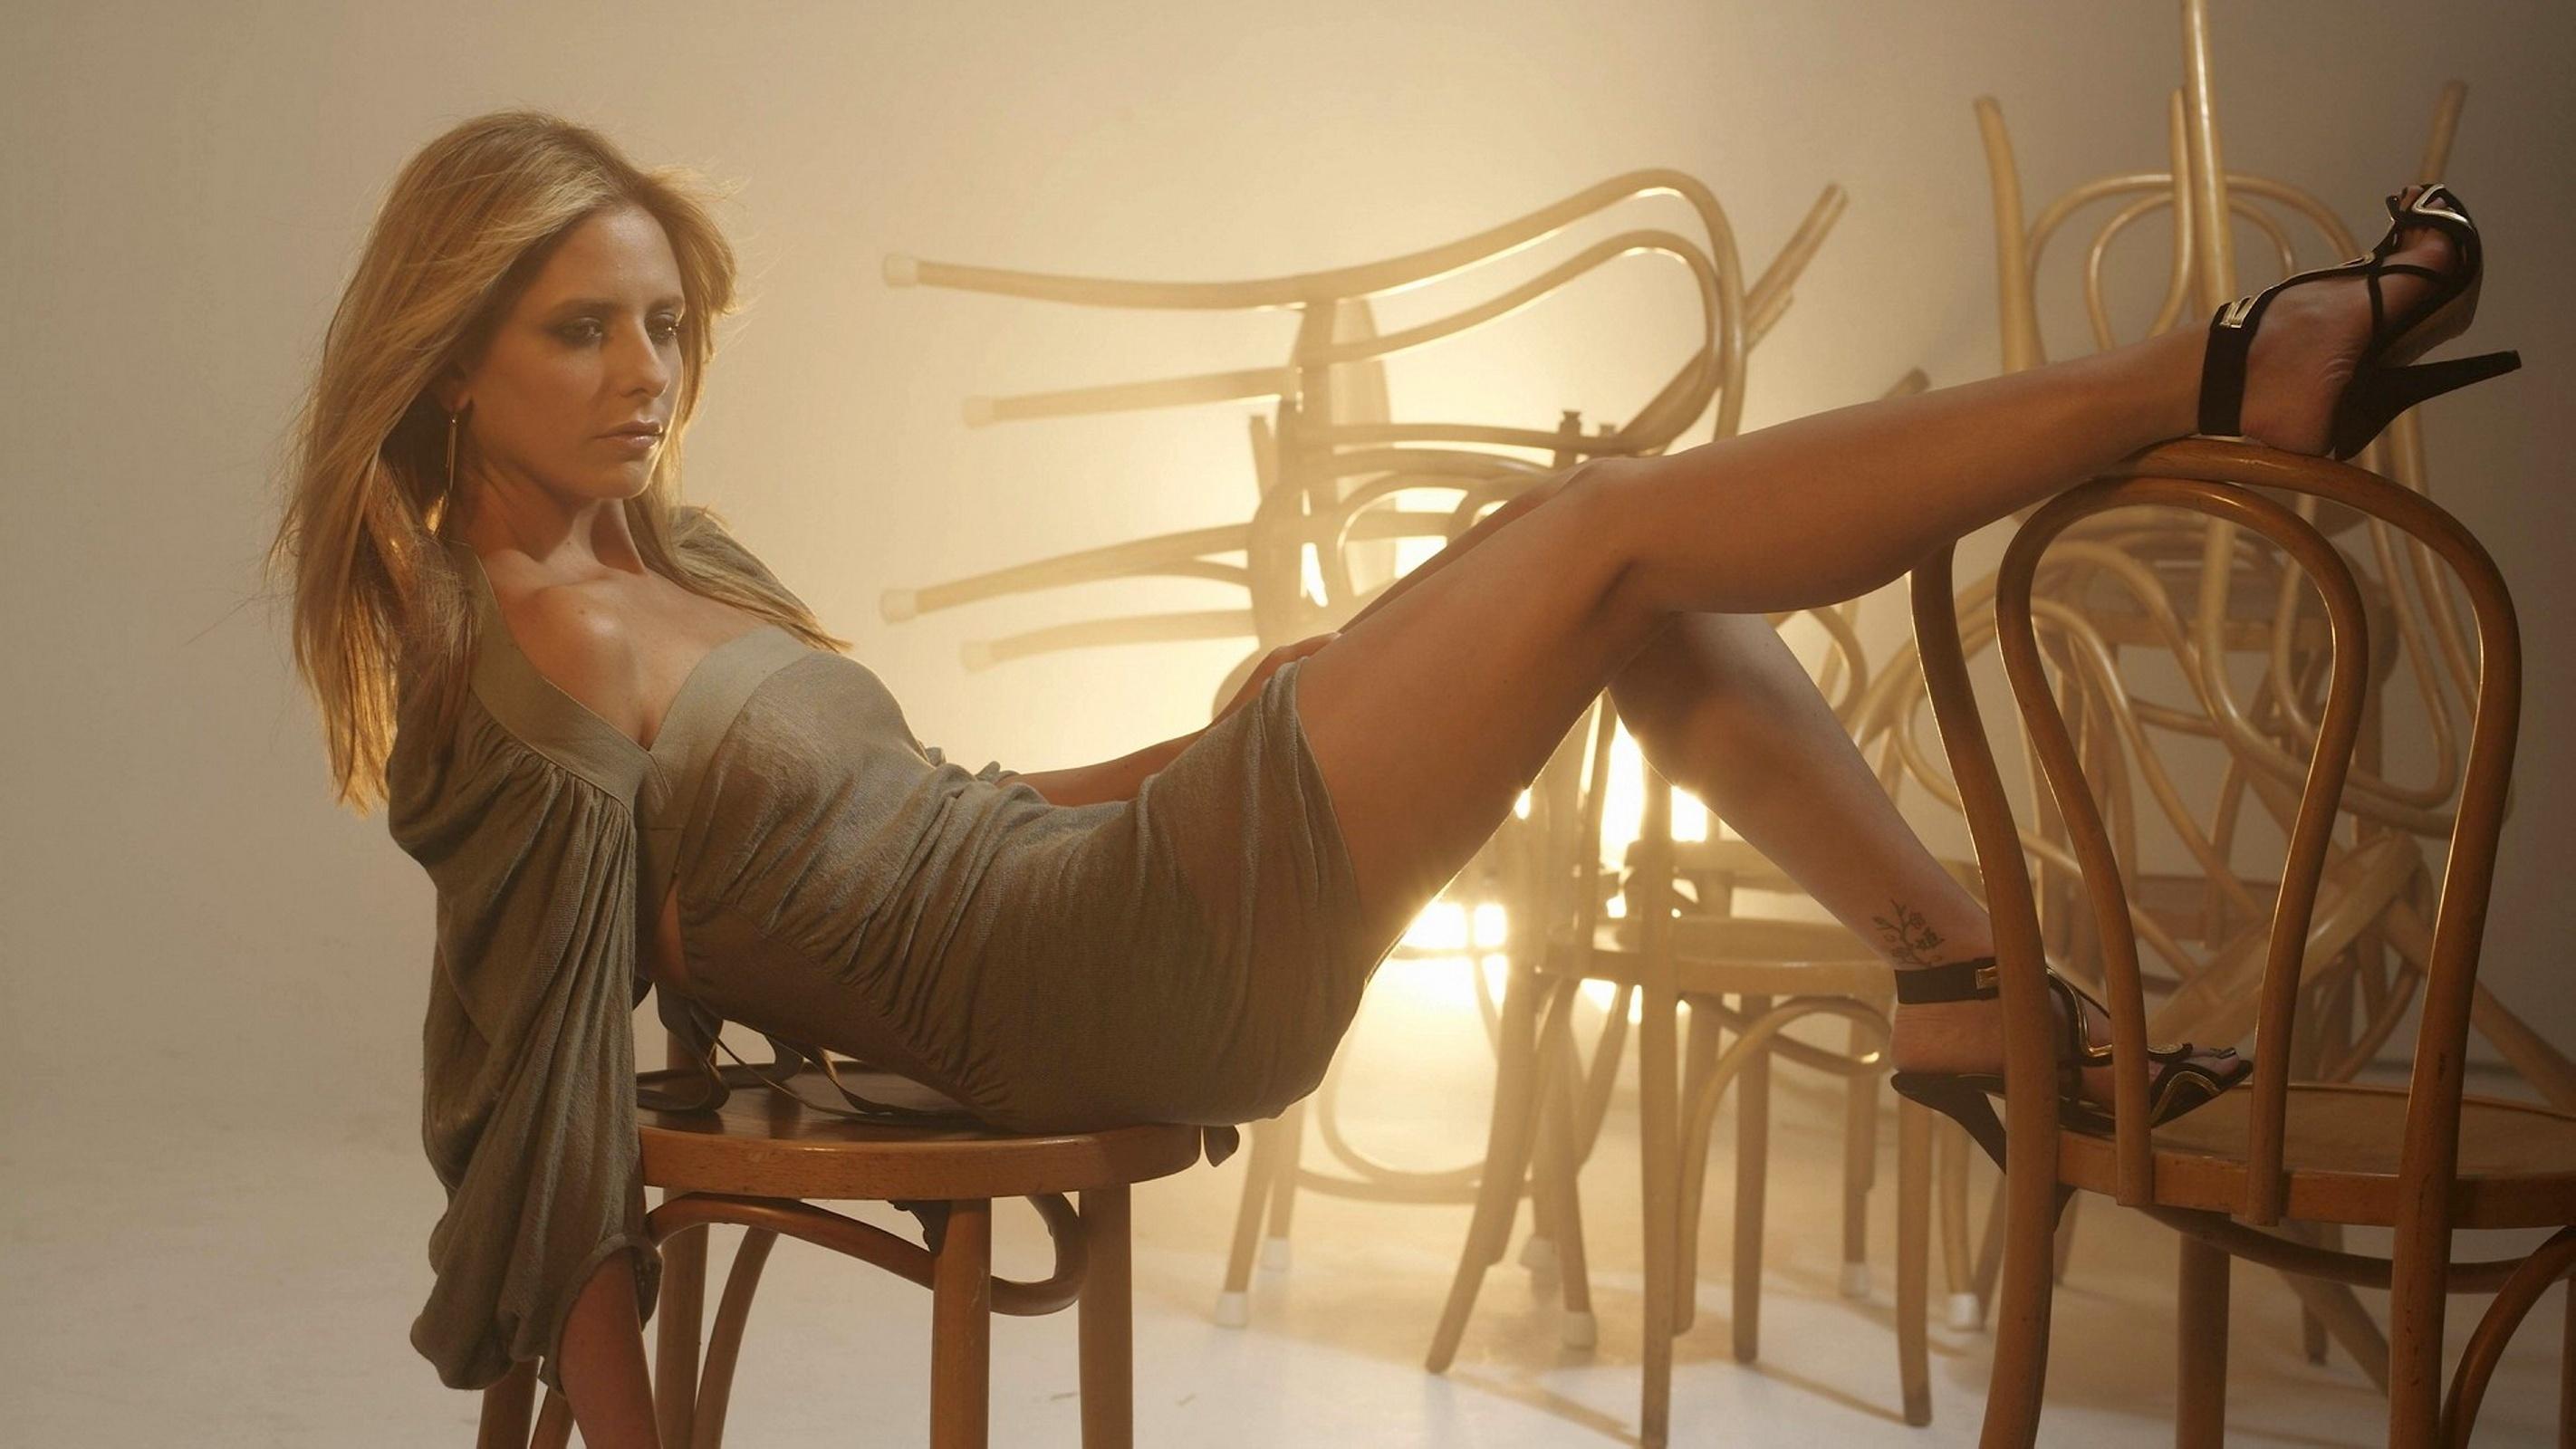 beautiful female legs sandals long hair sarah michelle gellar